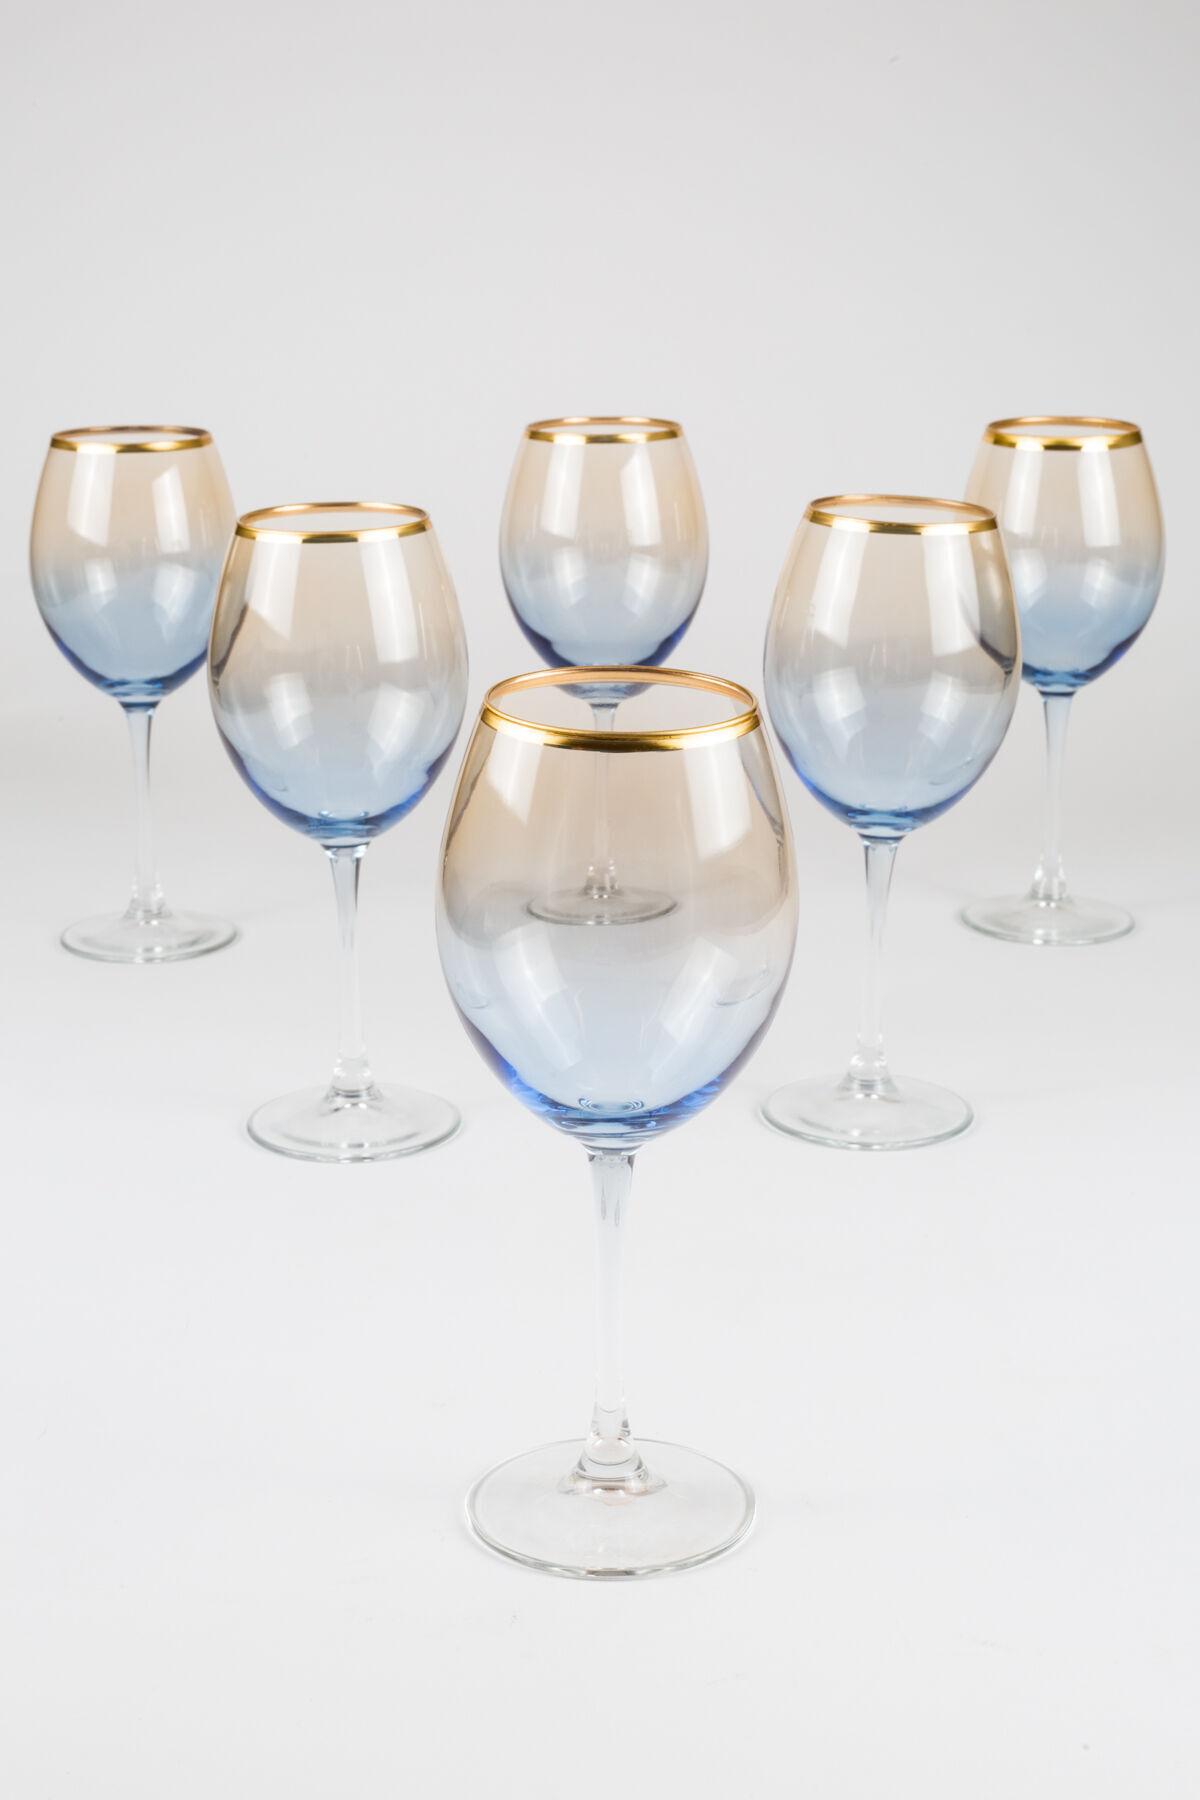 Rakle 550 cc Serenade 6'lı Ayaklı Su Bardağı - Markalar